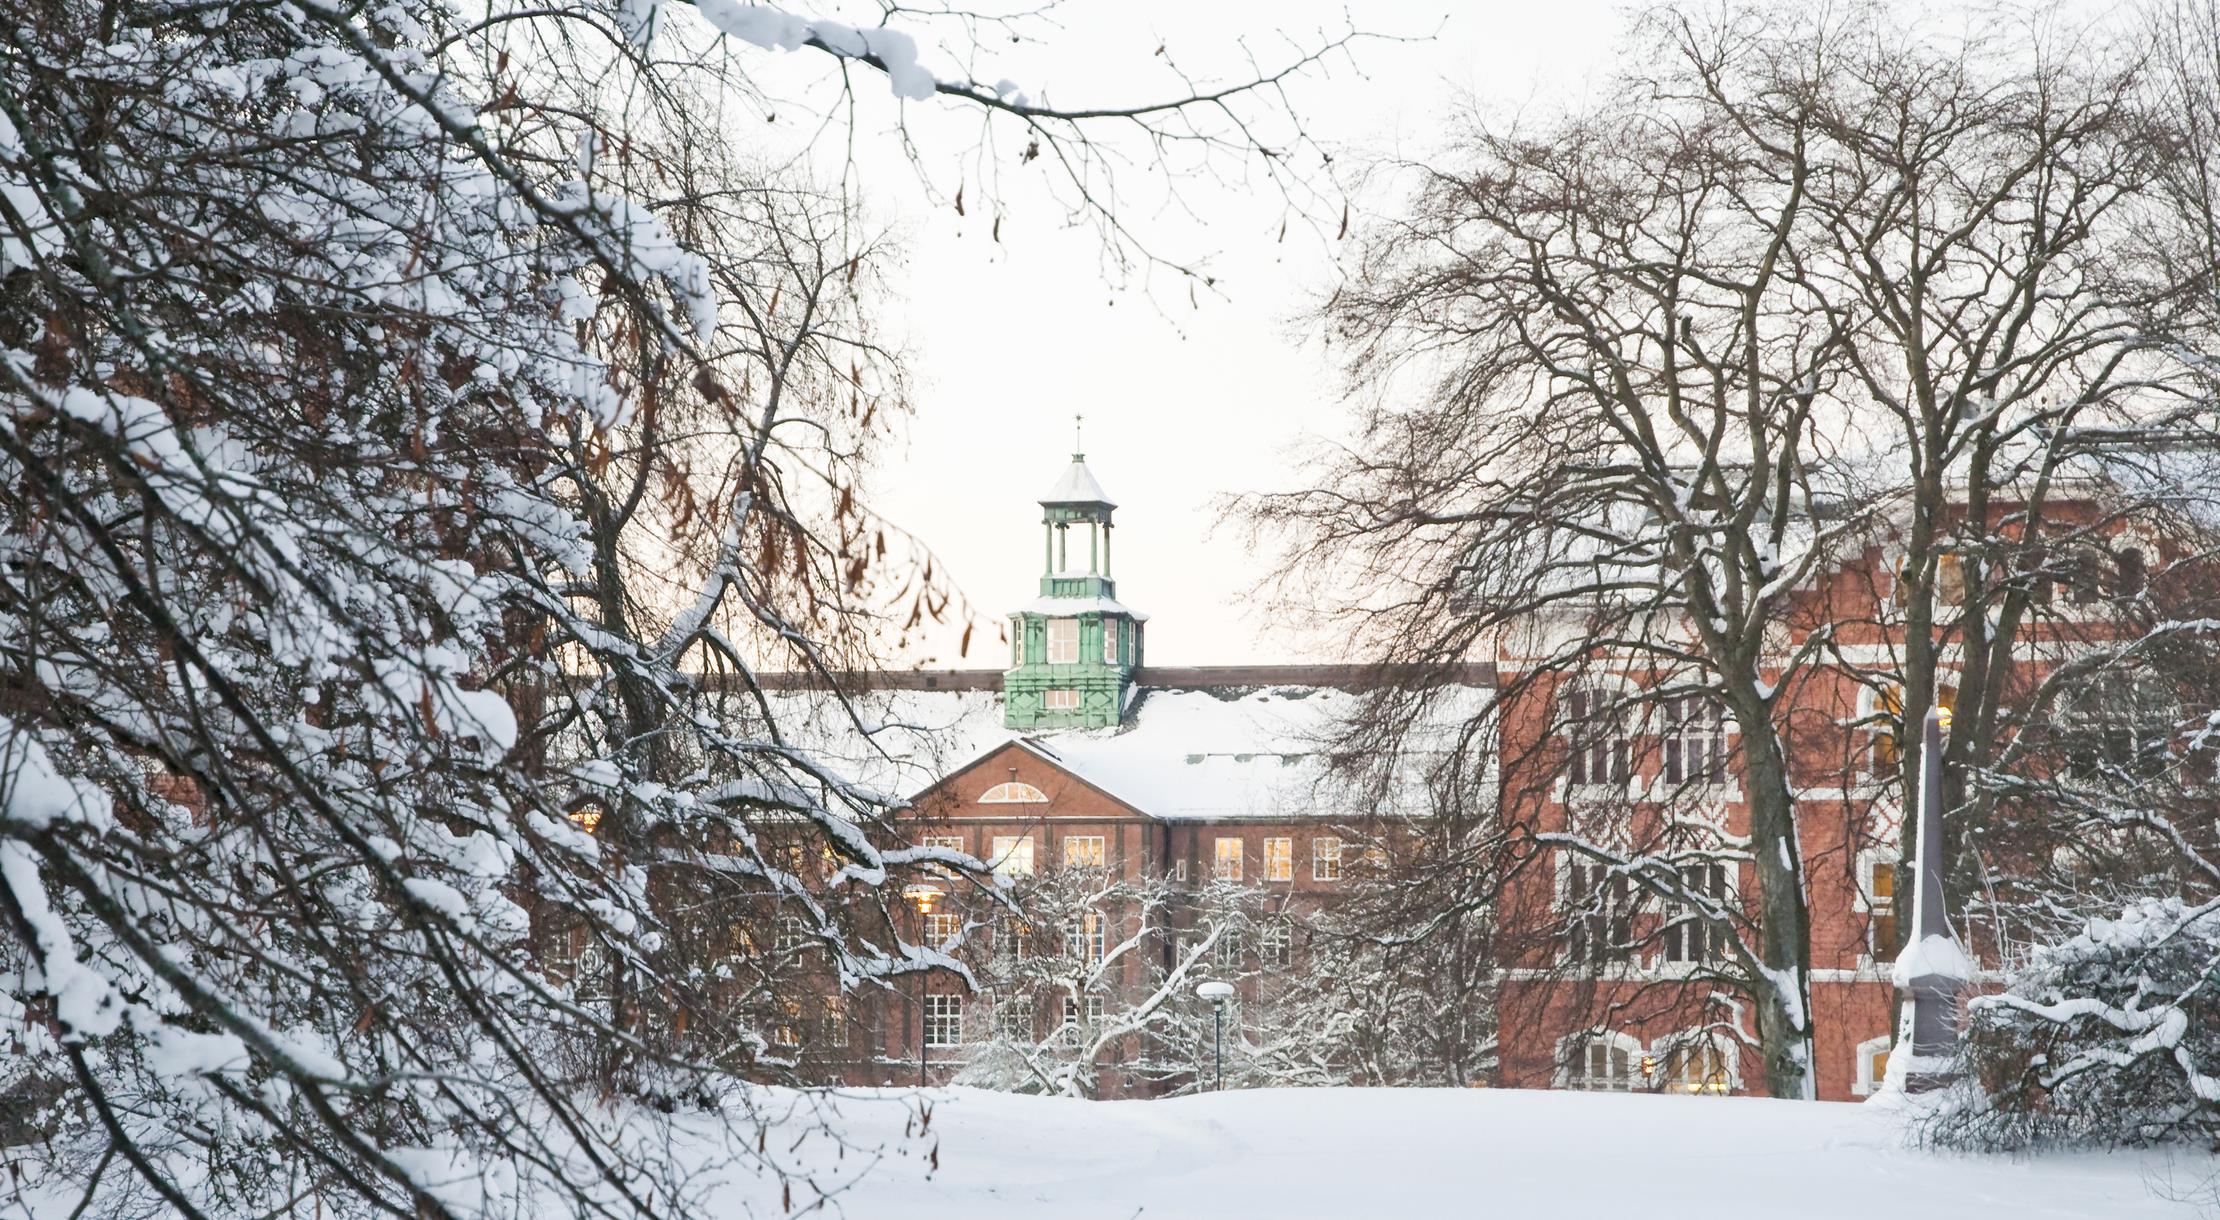 Bygning Tårnbygningen vinter 2